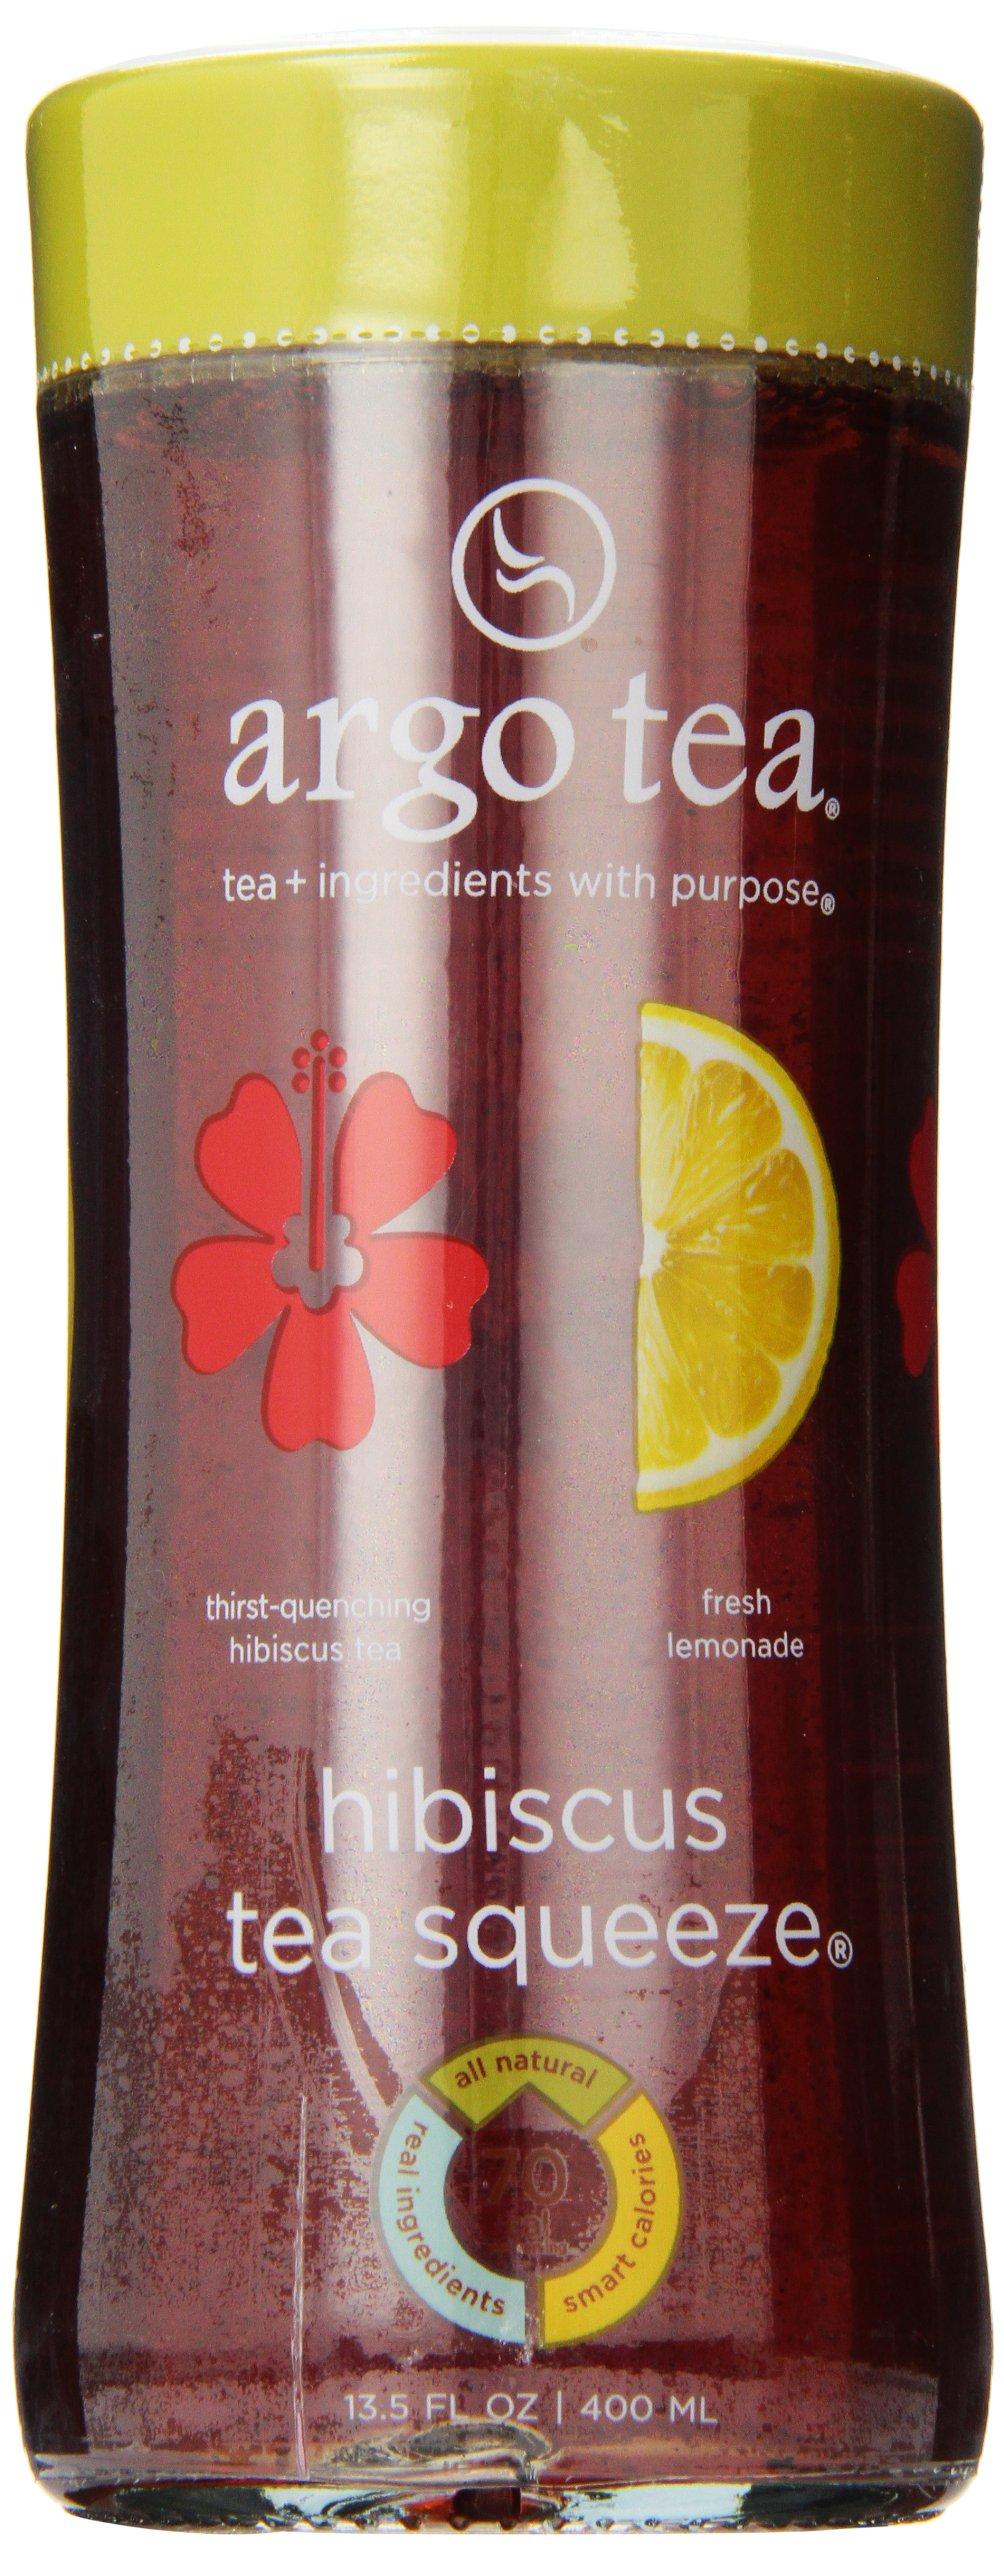 Hibiscus Tea Squeeze® Bottled Tea (Case of 12)